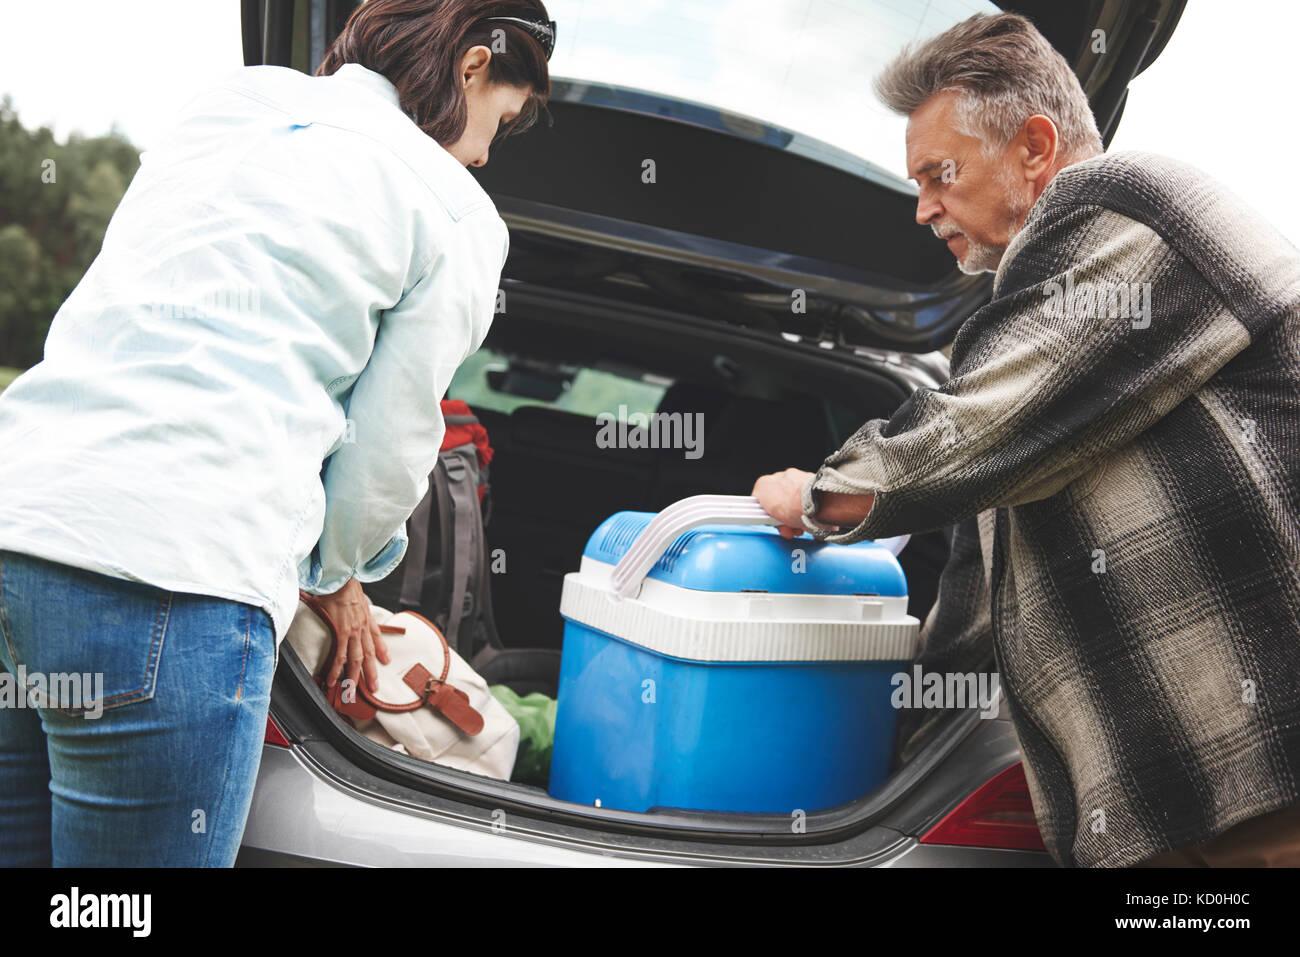 Pareja mayor extracción de equipo de camping en el maletero del coche Imagen De Stock